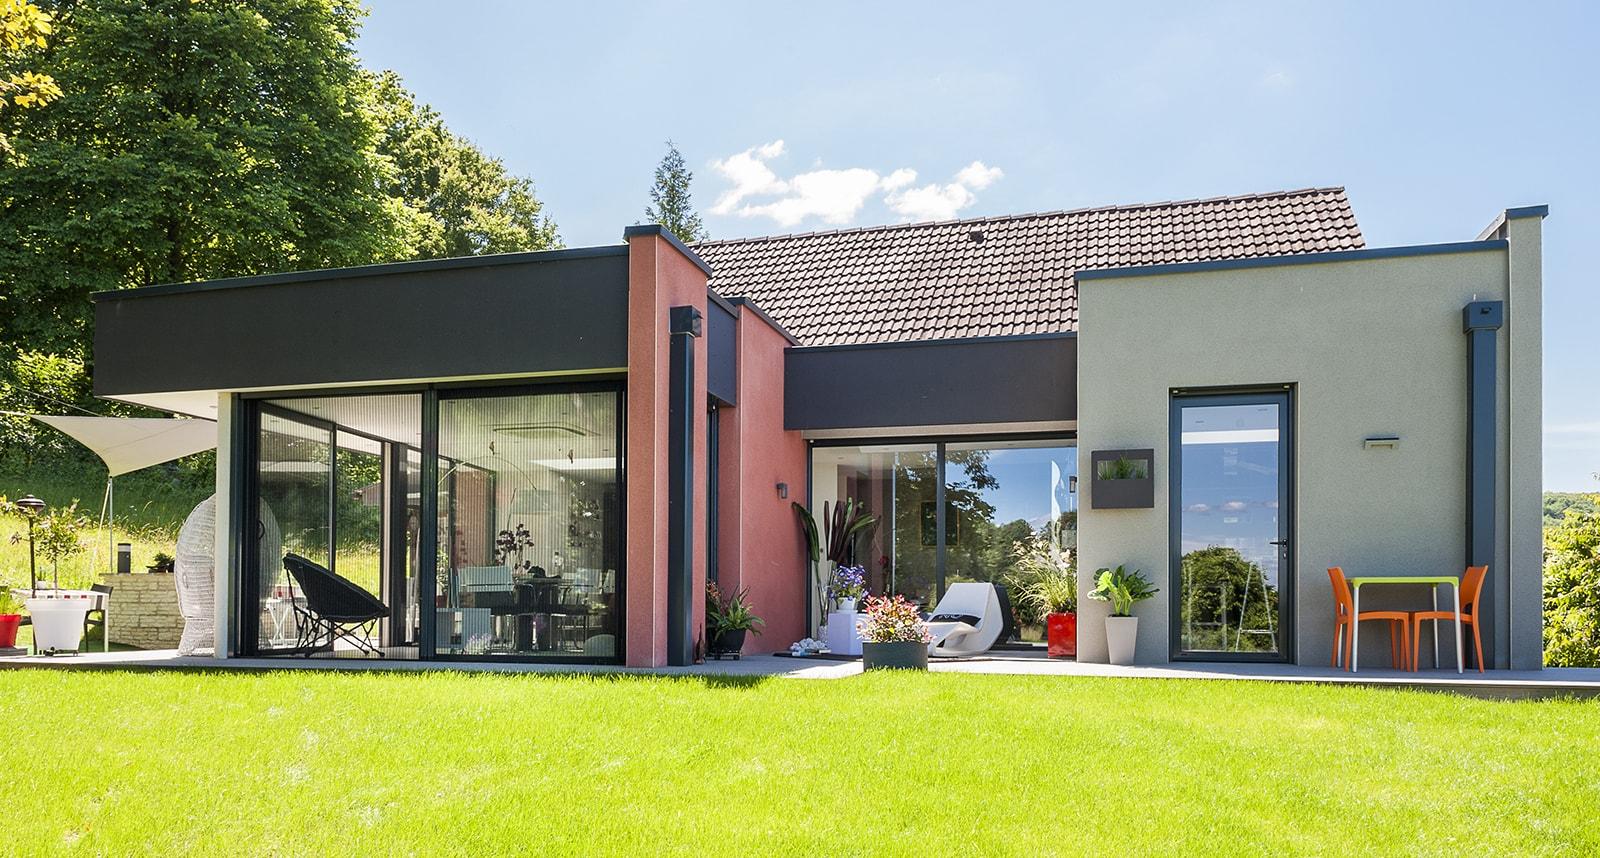 Choisir L'agrandissement De Maison À Toit Plat | Agrandir Ma ... à Terrasse Toit Plat